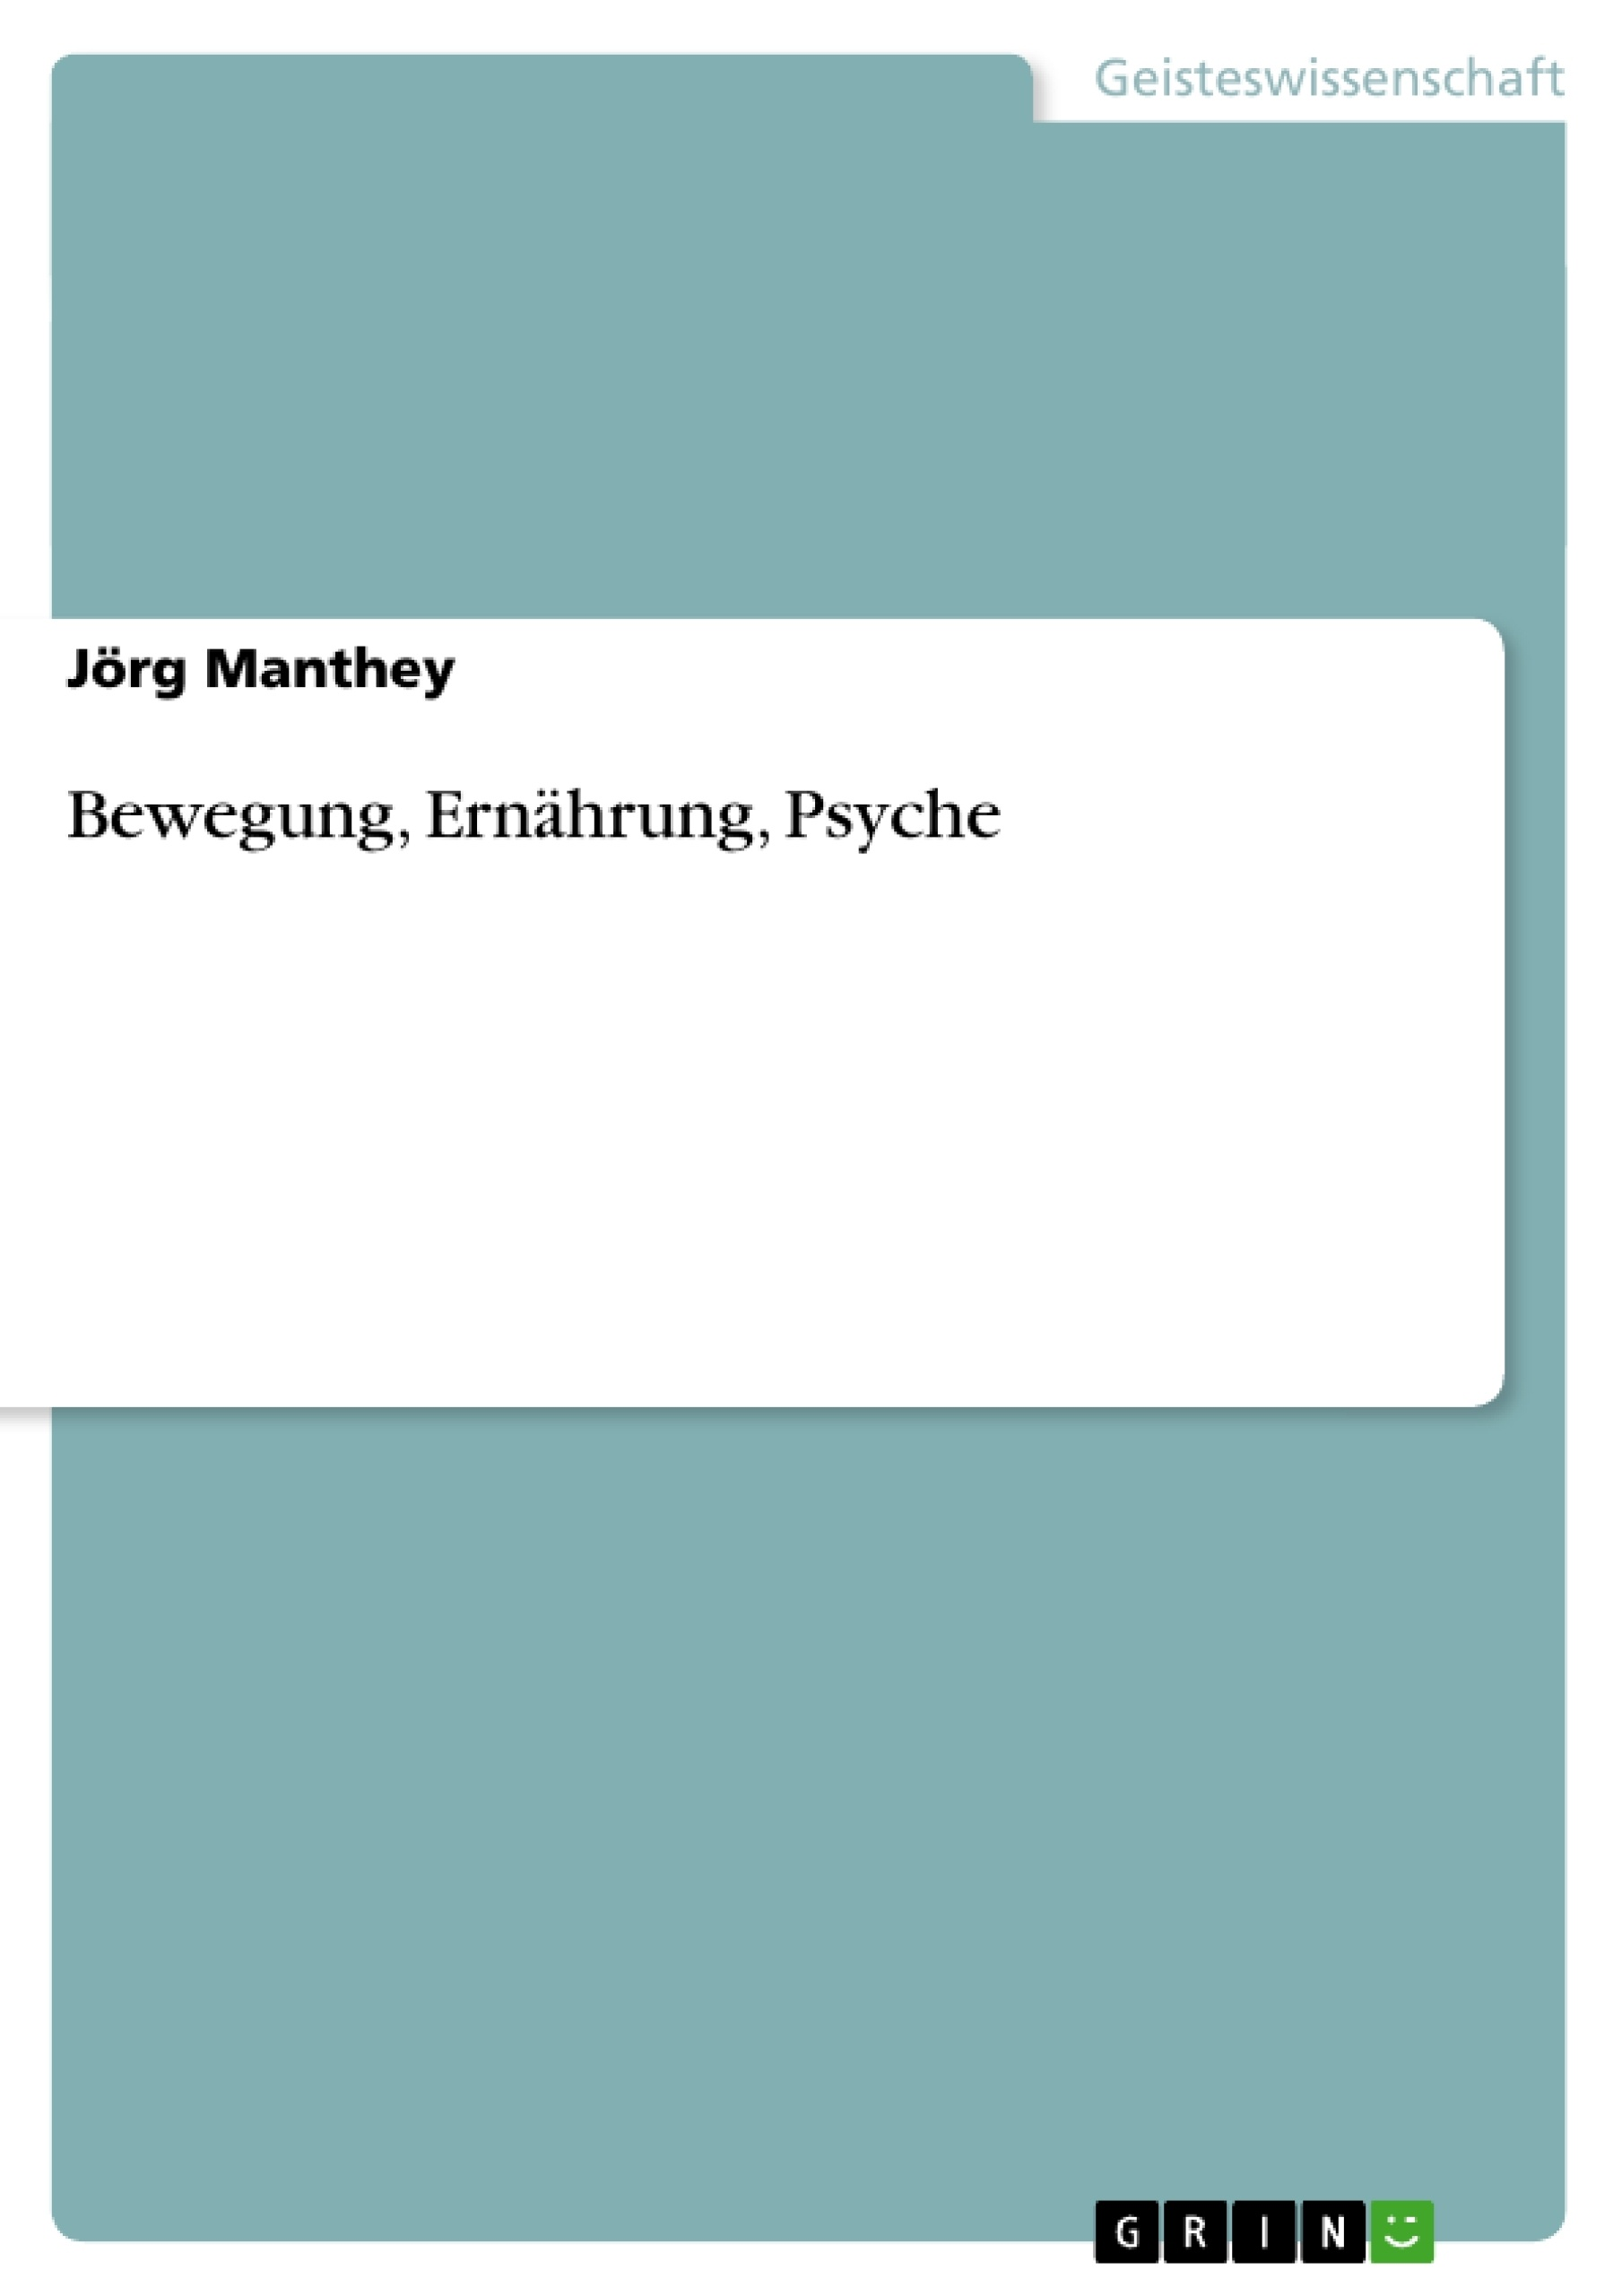 Titel: Bewegung, Ernährung, Psyche